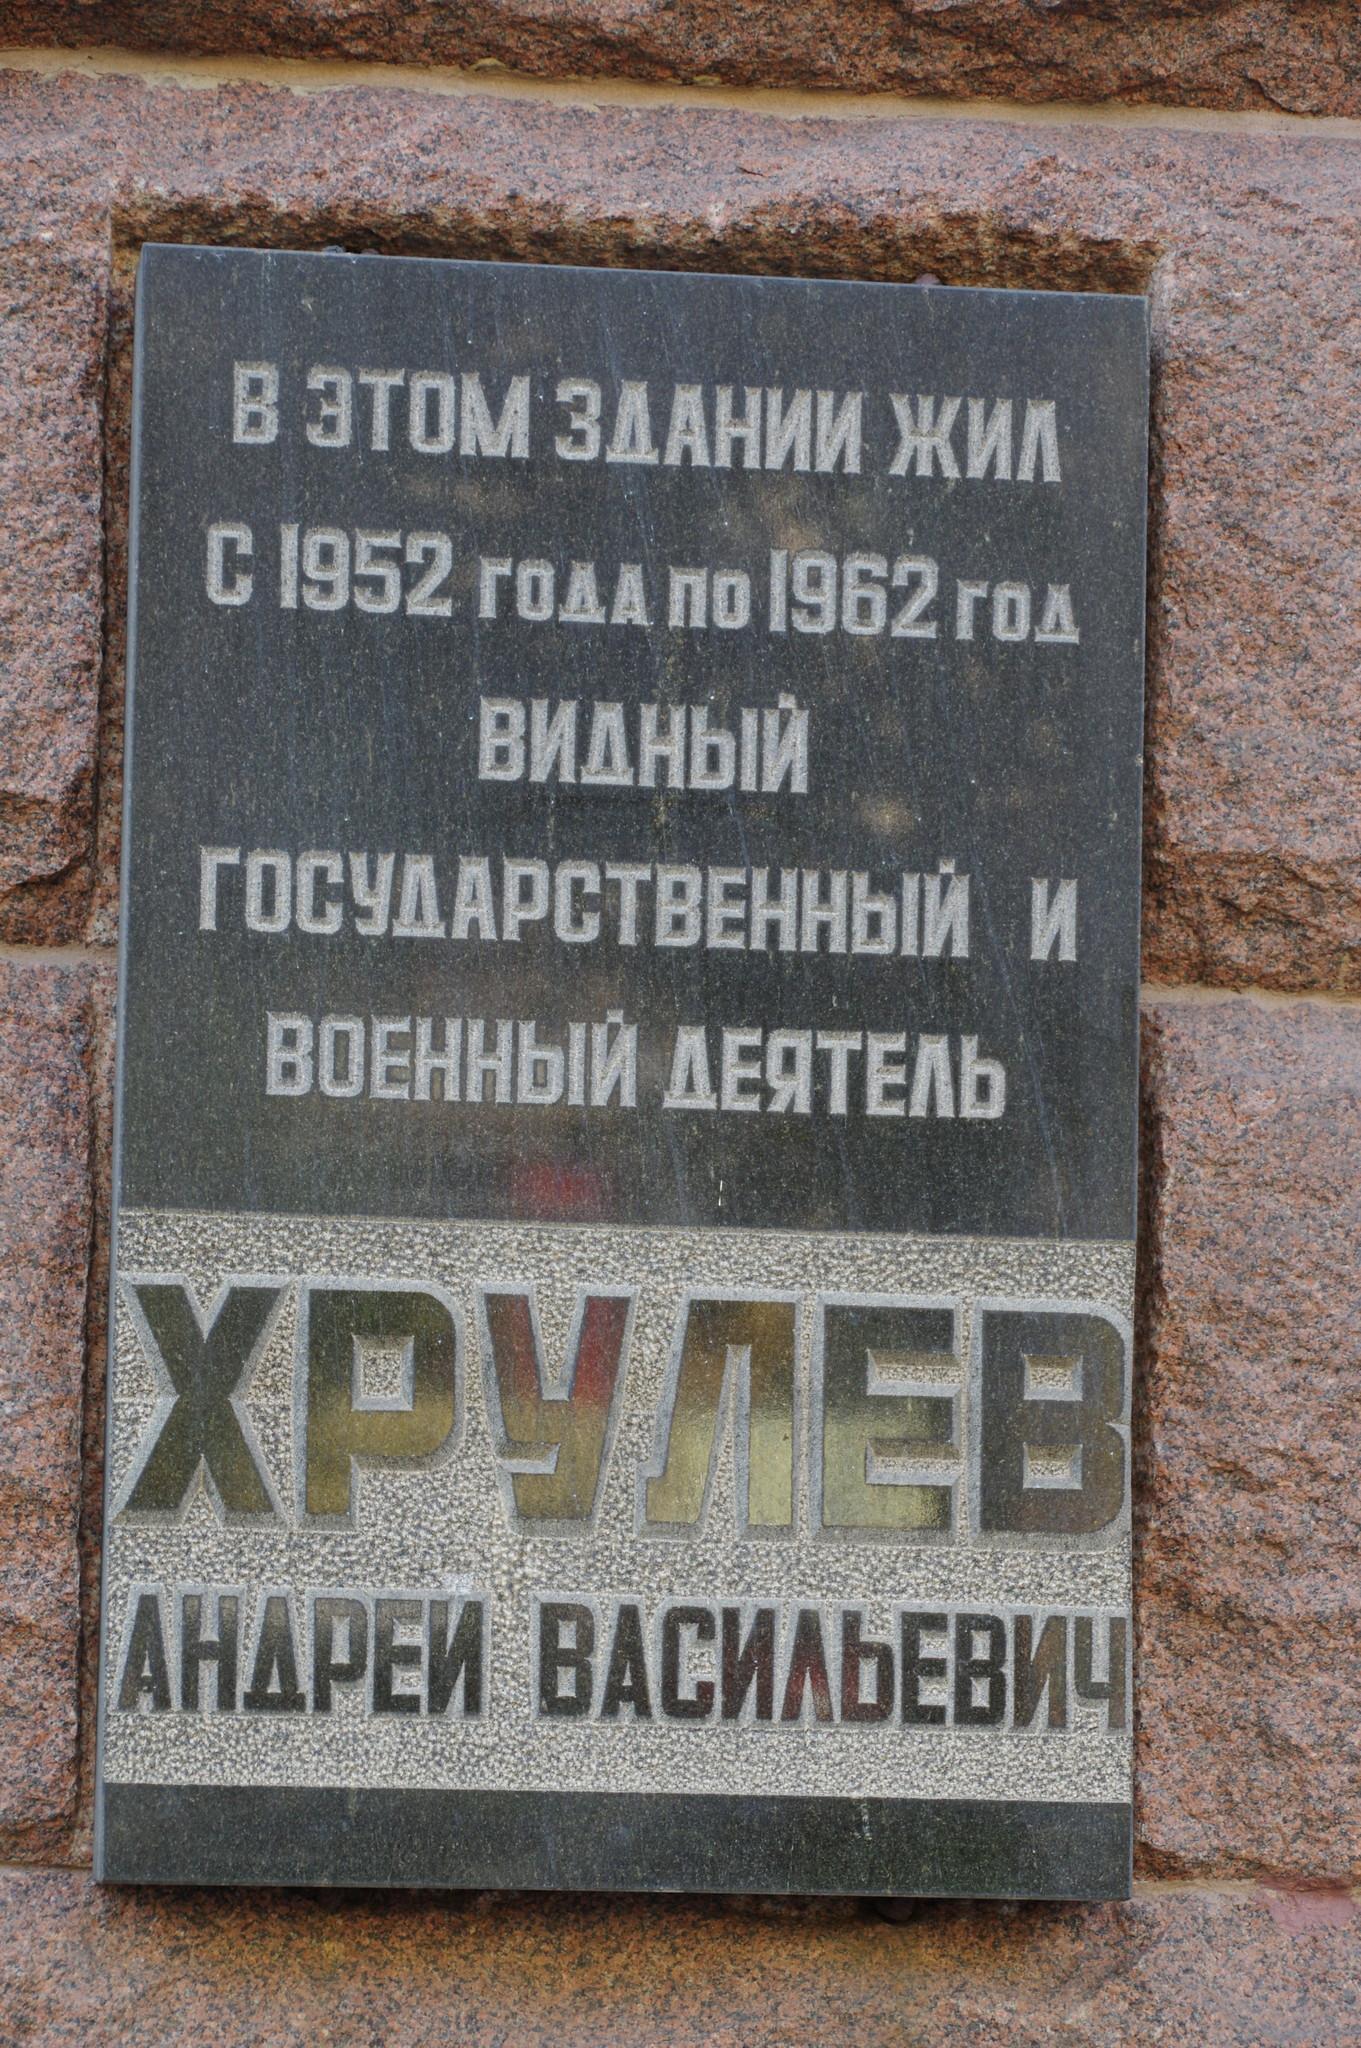 Мемориальная доска А.В. Хрулёву на фасаде дома (Тверская улица, дом 9), где он жил с 1952 года по 1962 год